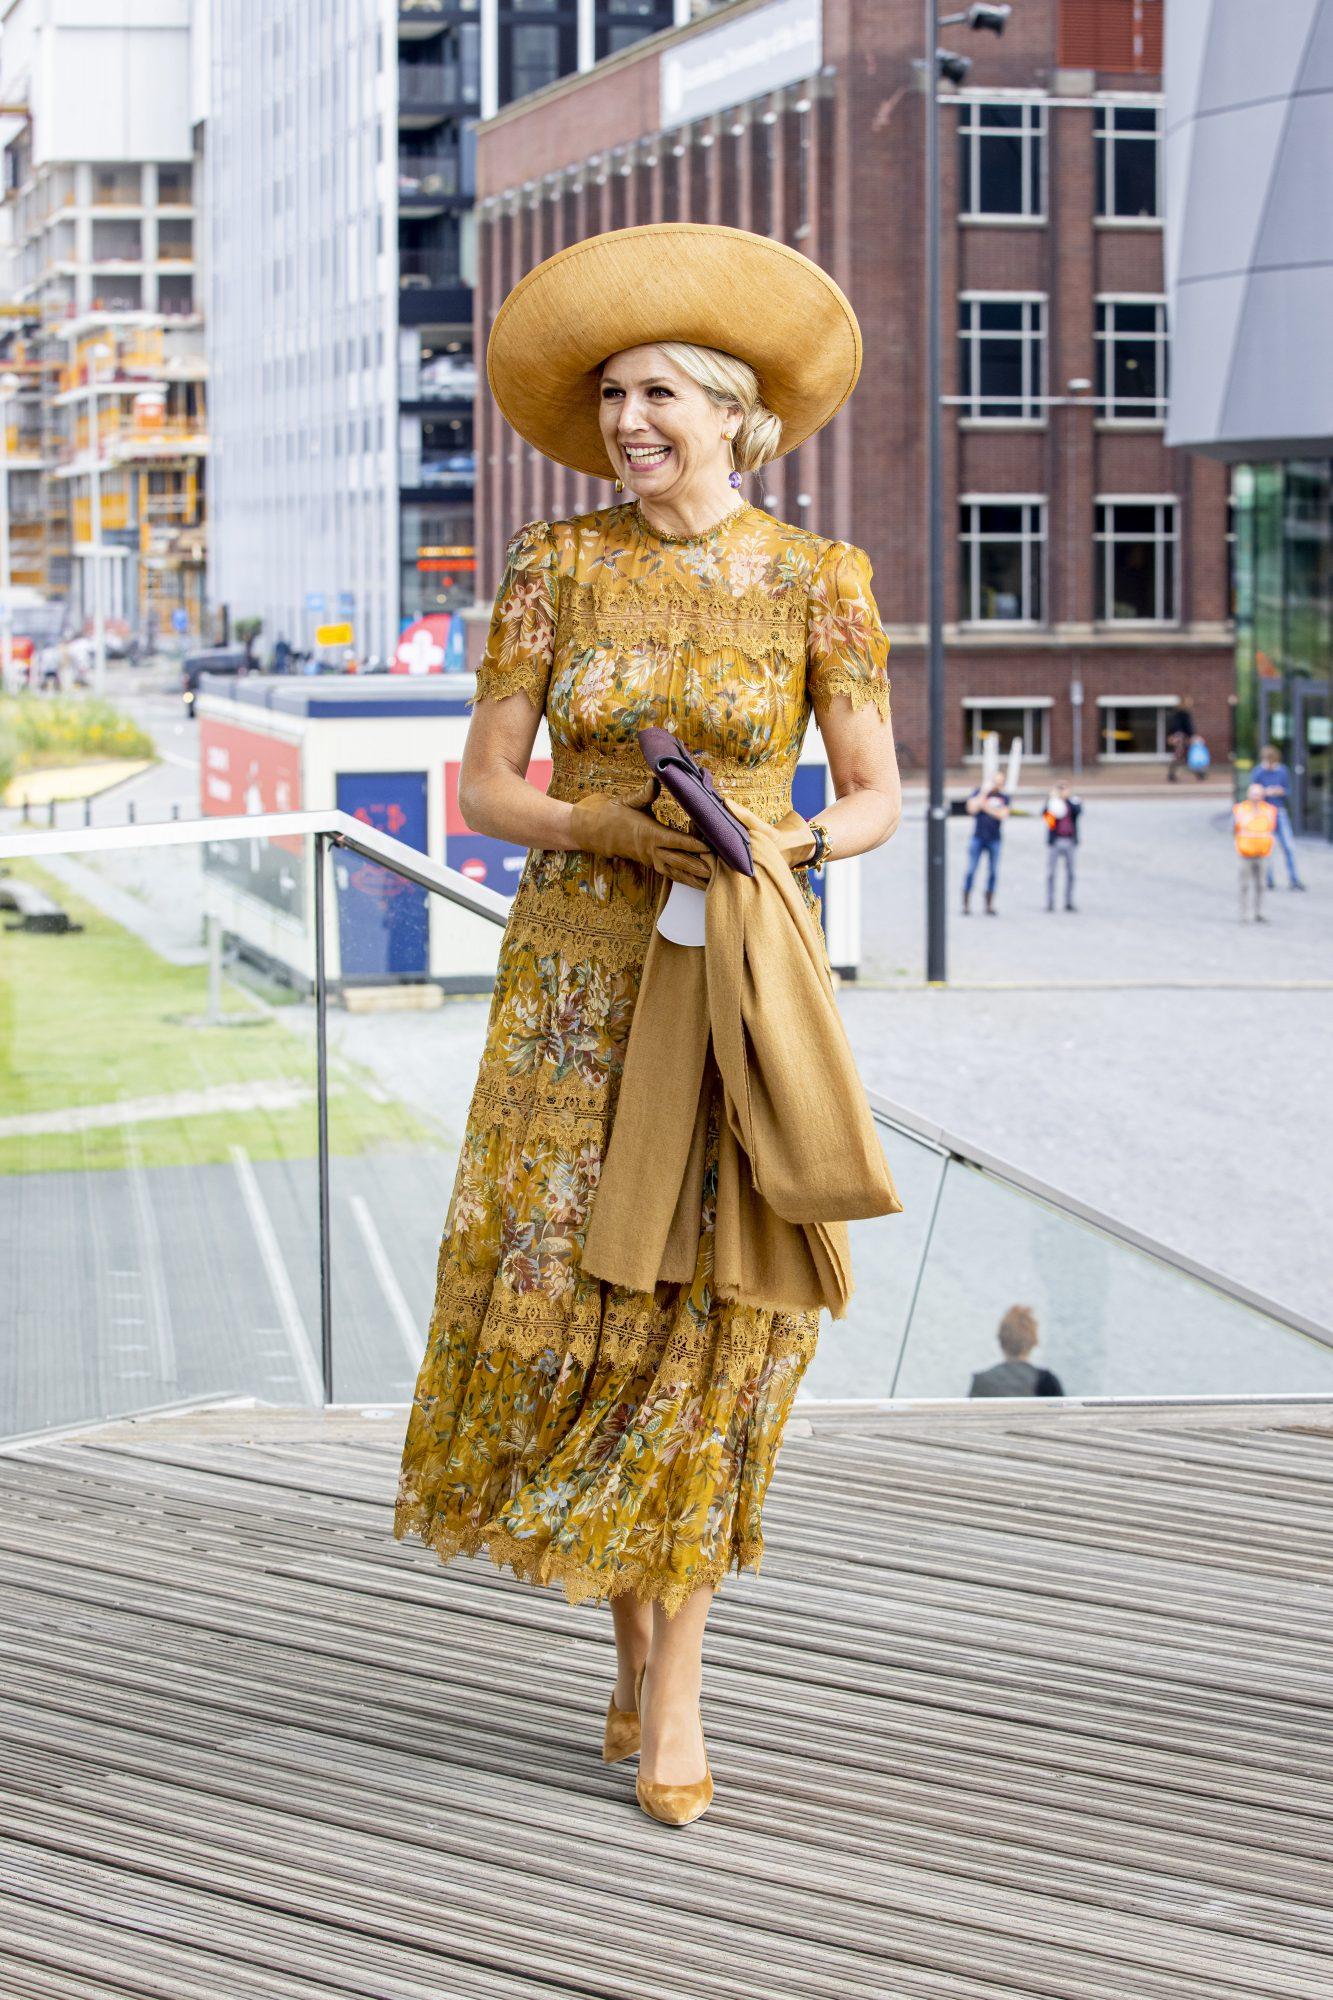 Reina Maxima de Holanda, look del dia, vestido amarillo estampado, sombrero amarillo